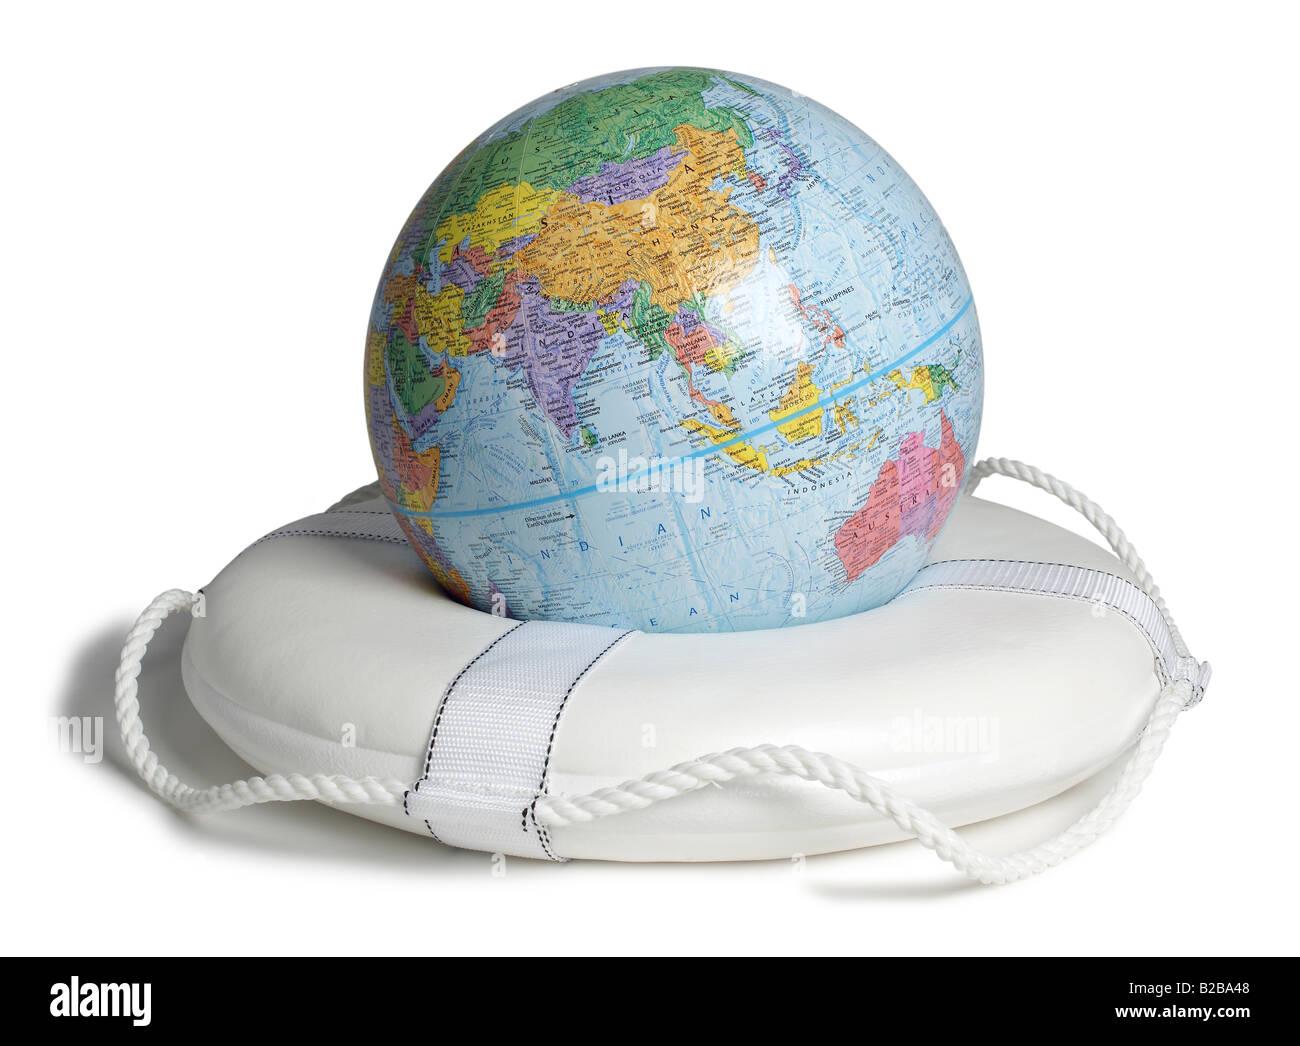 Globe life preserver life jacket world globe - Stock Image